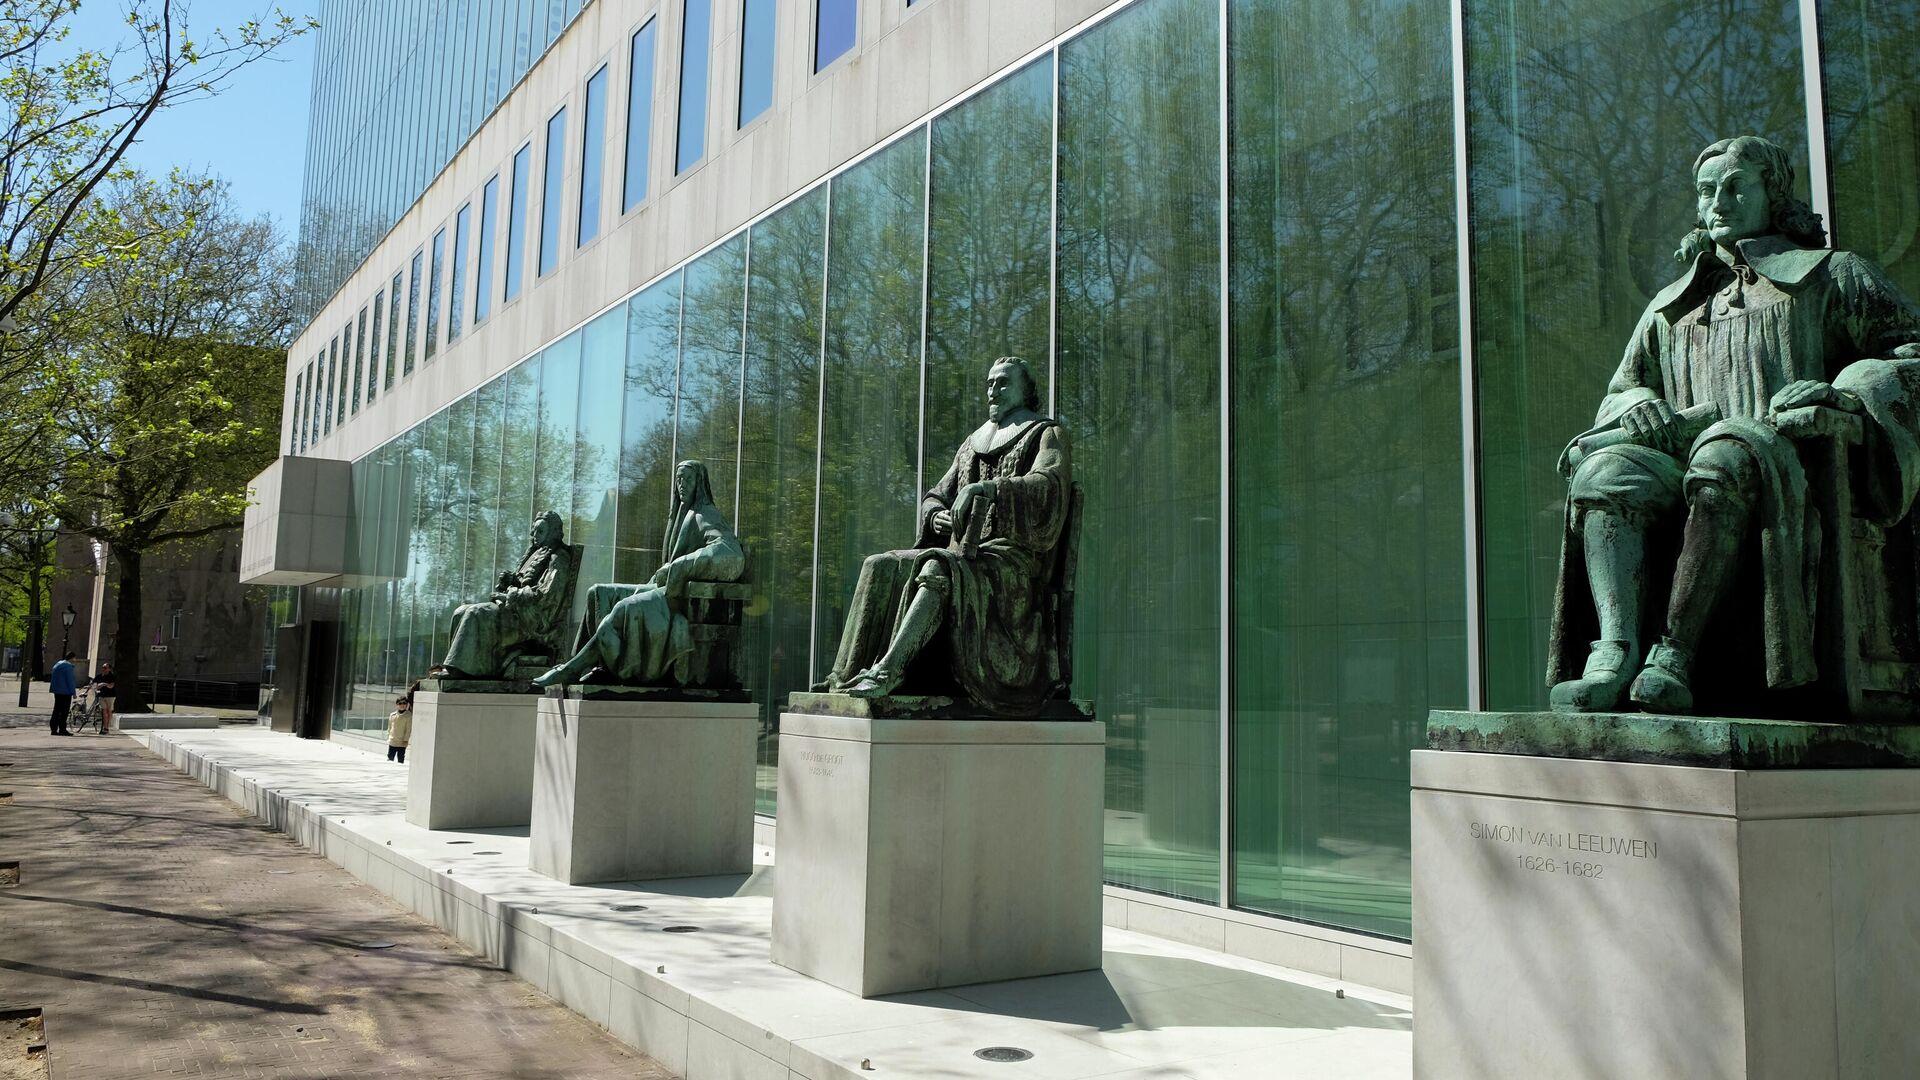 Здание Верховного суда Нидерландов в Гааге - РИА Новости, 1920, 23.12.2020